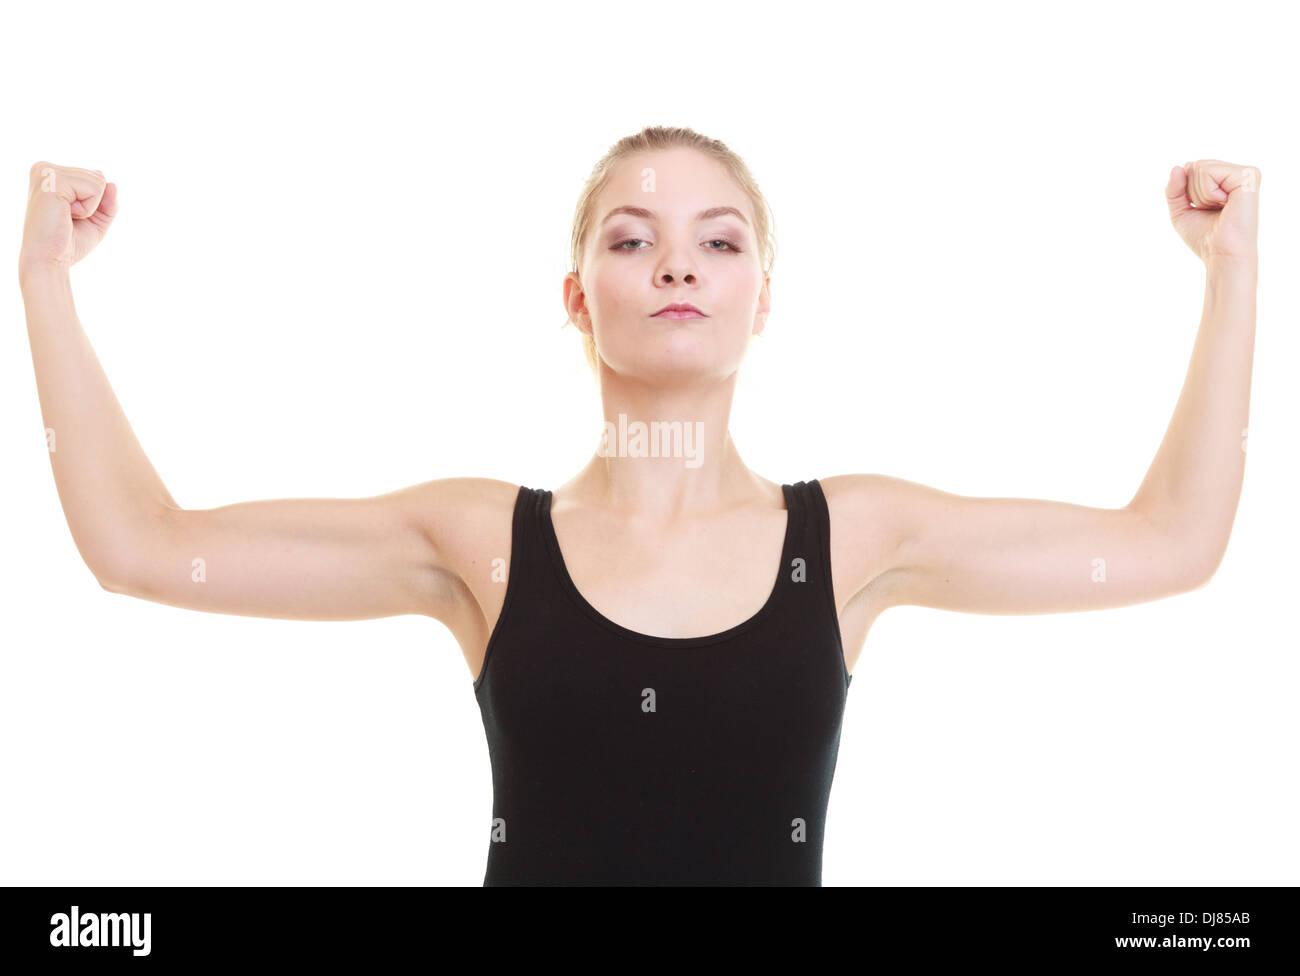 Fitness-Frau zeigt frischen Energie Bizeps Muskeln isoliert auf ...